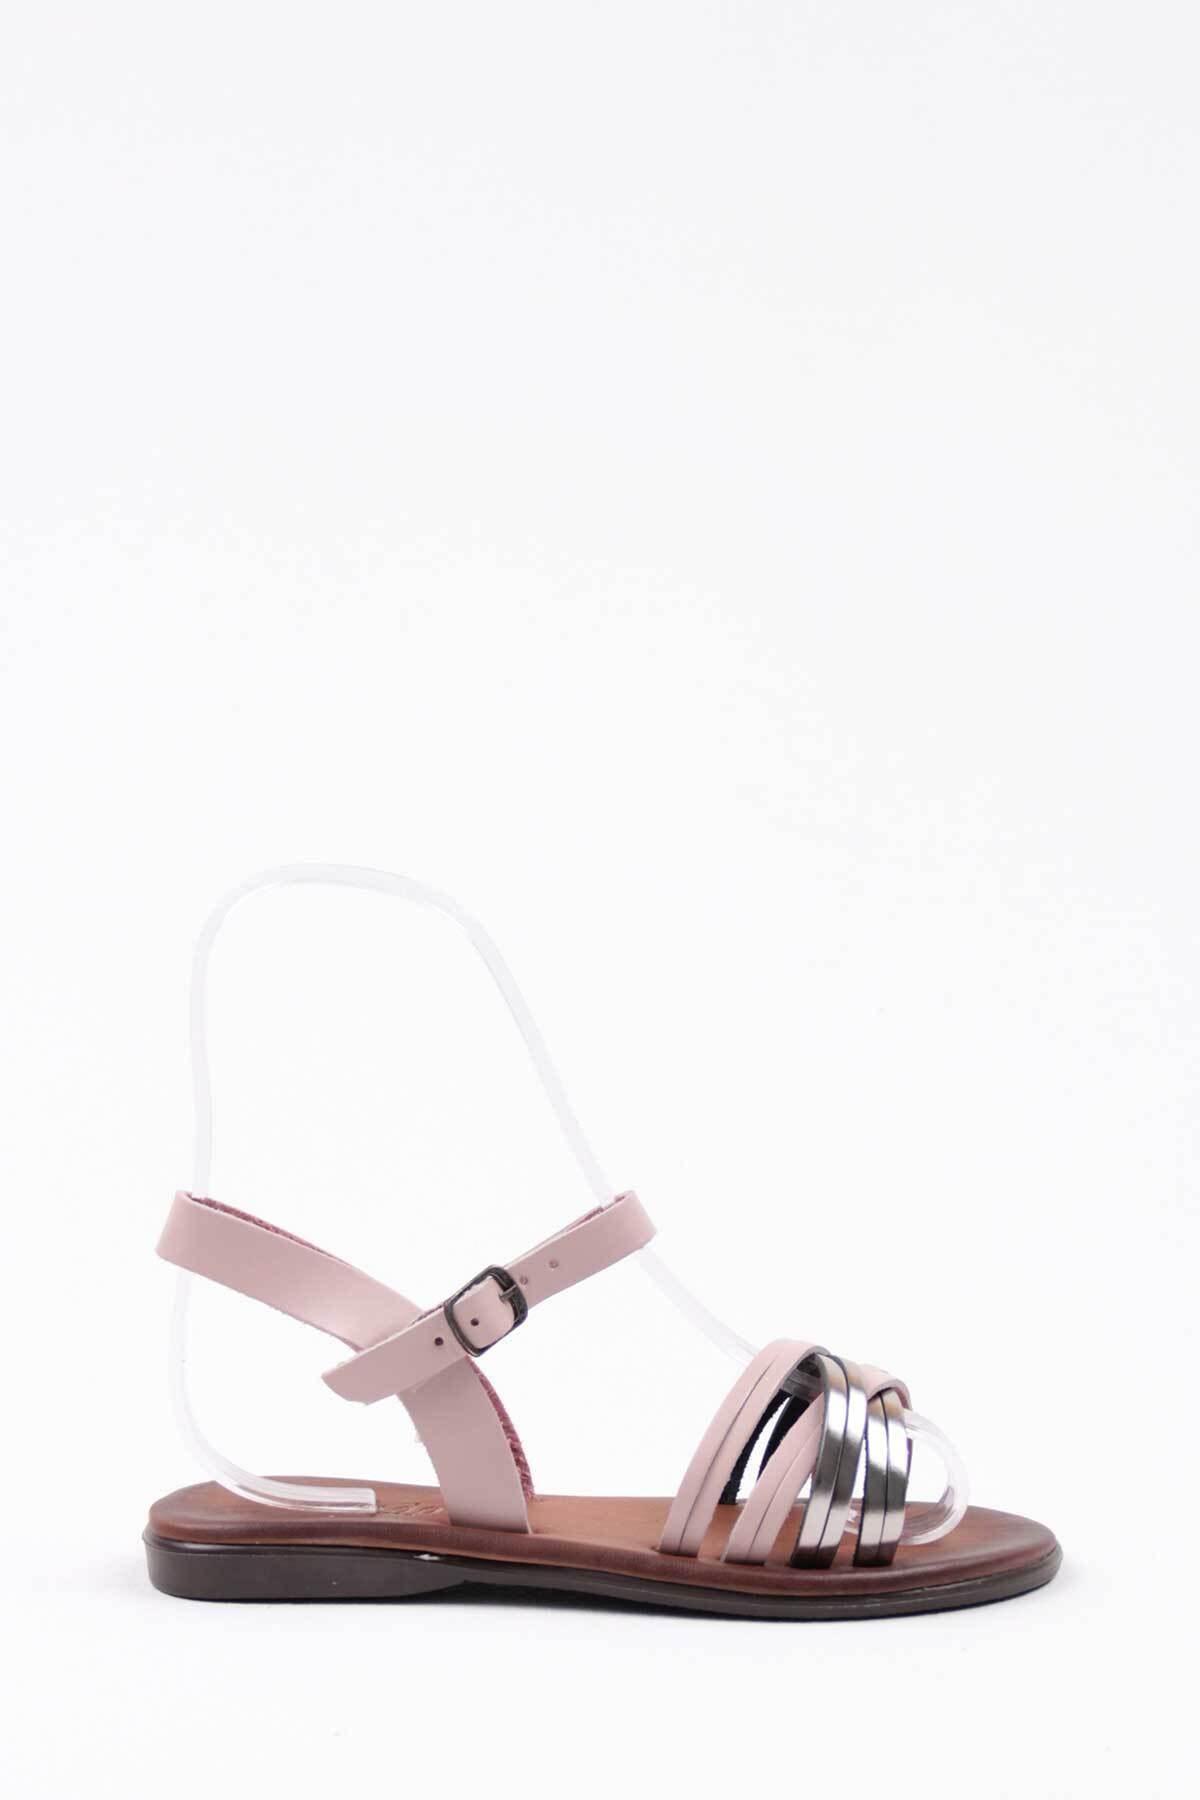 Oioi Kadın Sandalet 1017-123-0003 1